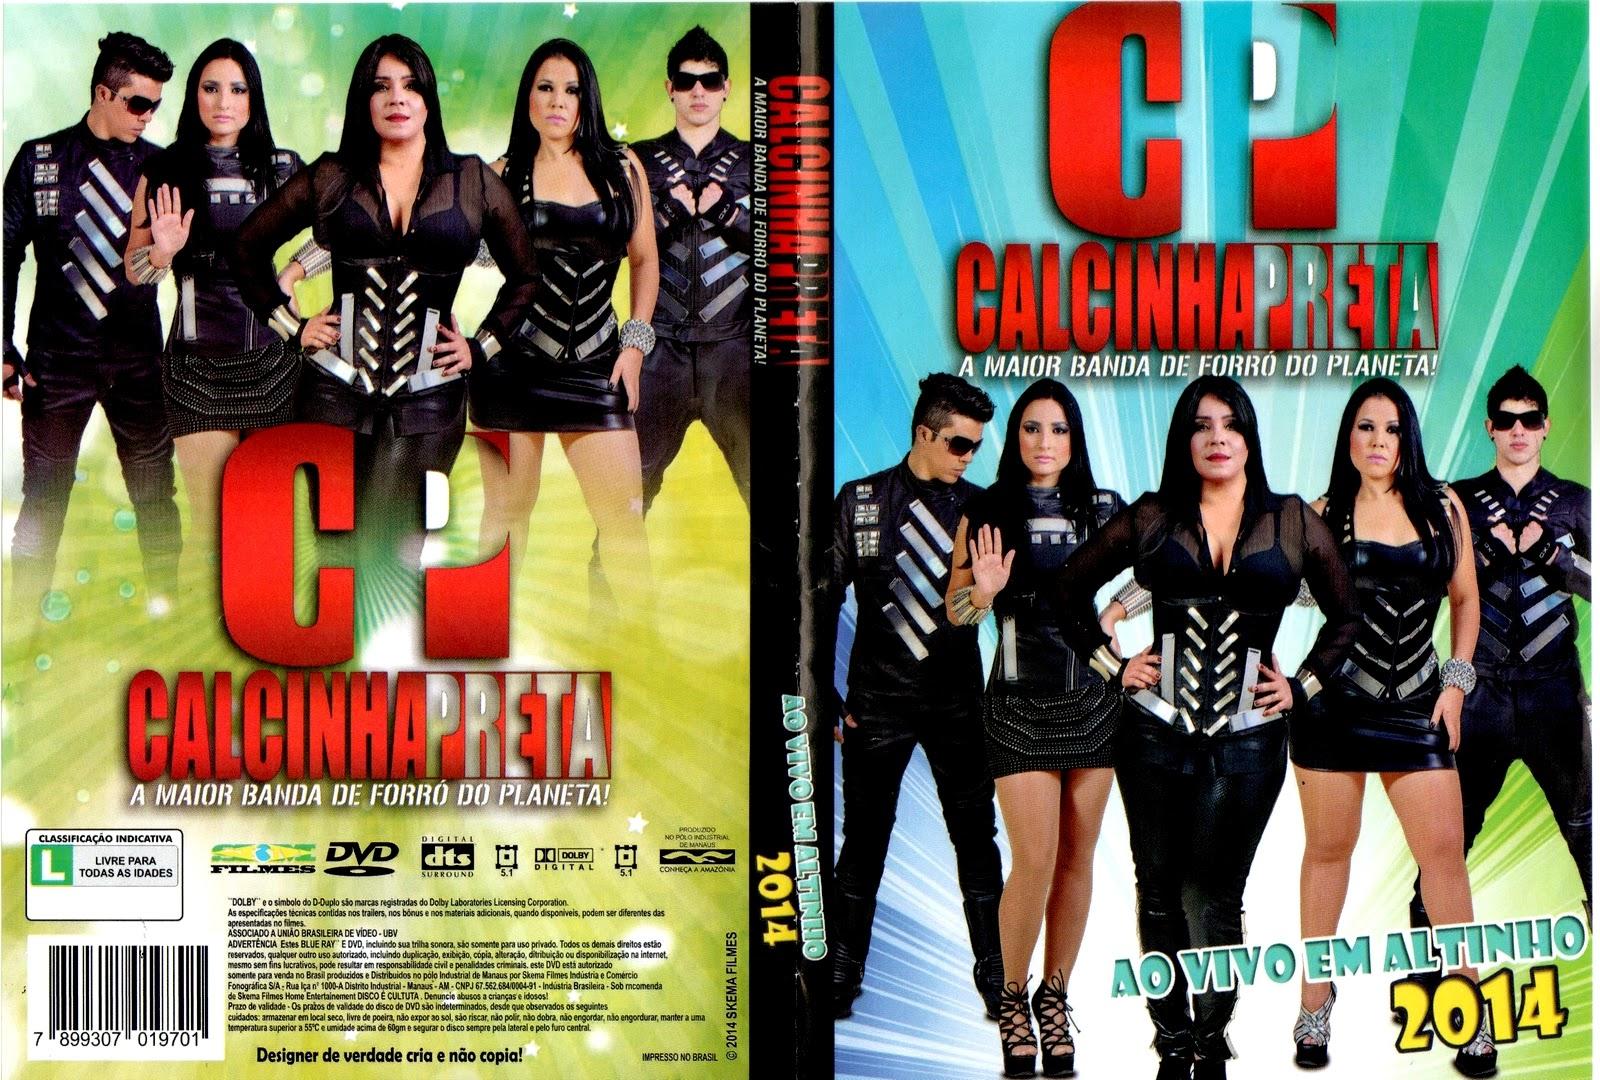 CAPAS X FILMES: CALCINHA PRETA AO VIVO EM ALTINHO 2014